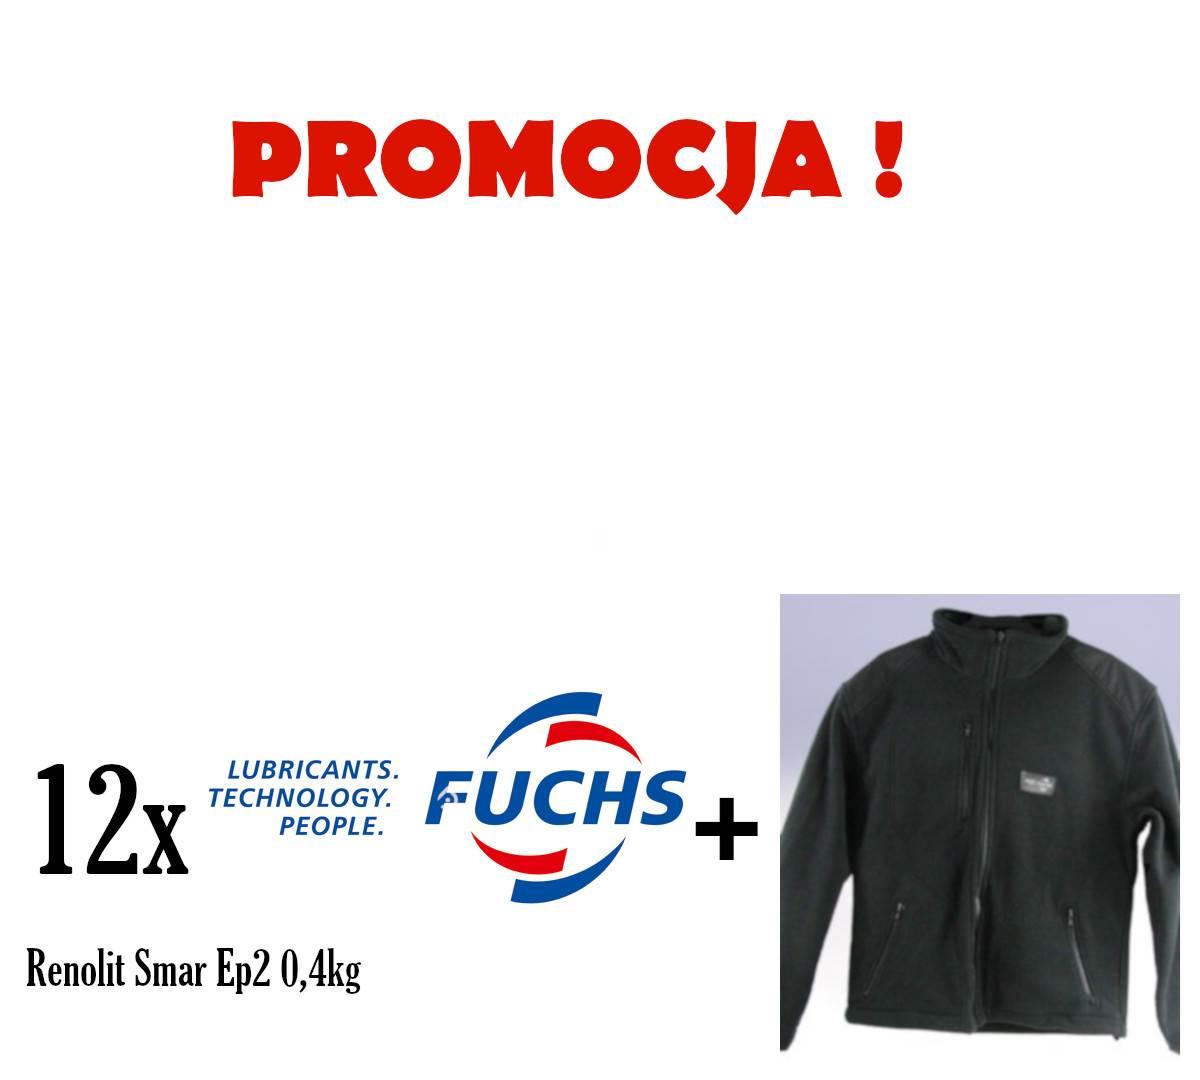 PROMOCJA FUCHS RENOLIT SMAR EP 2 0,4KG. 12SZT + POLAR FUCHS